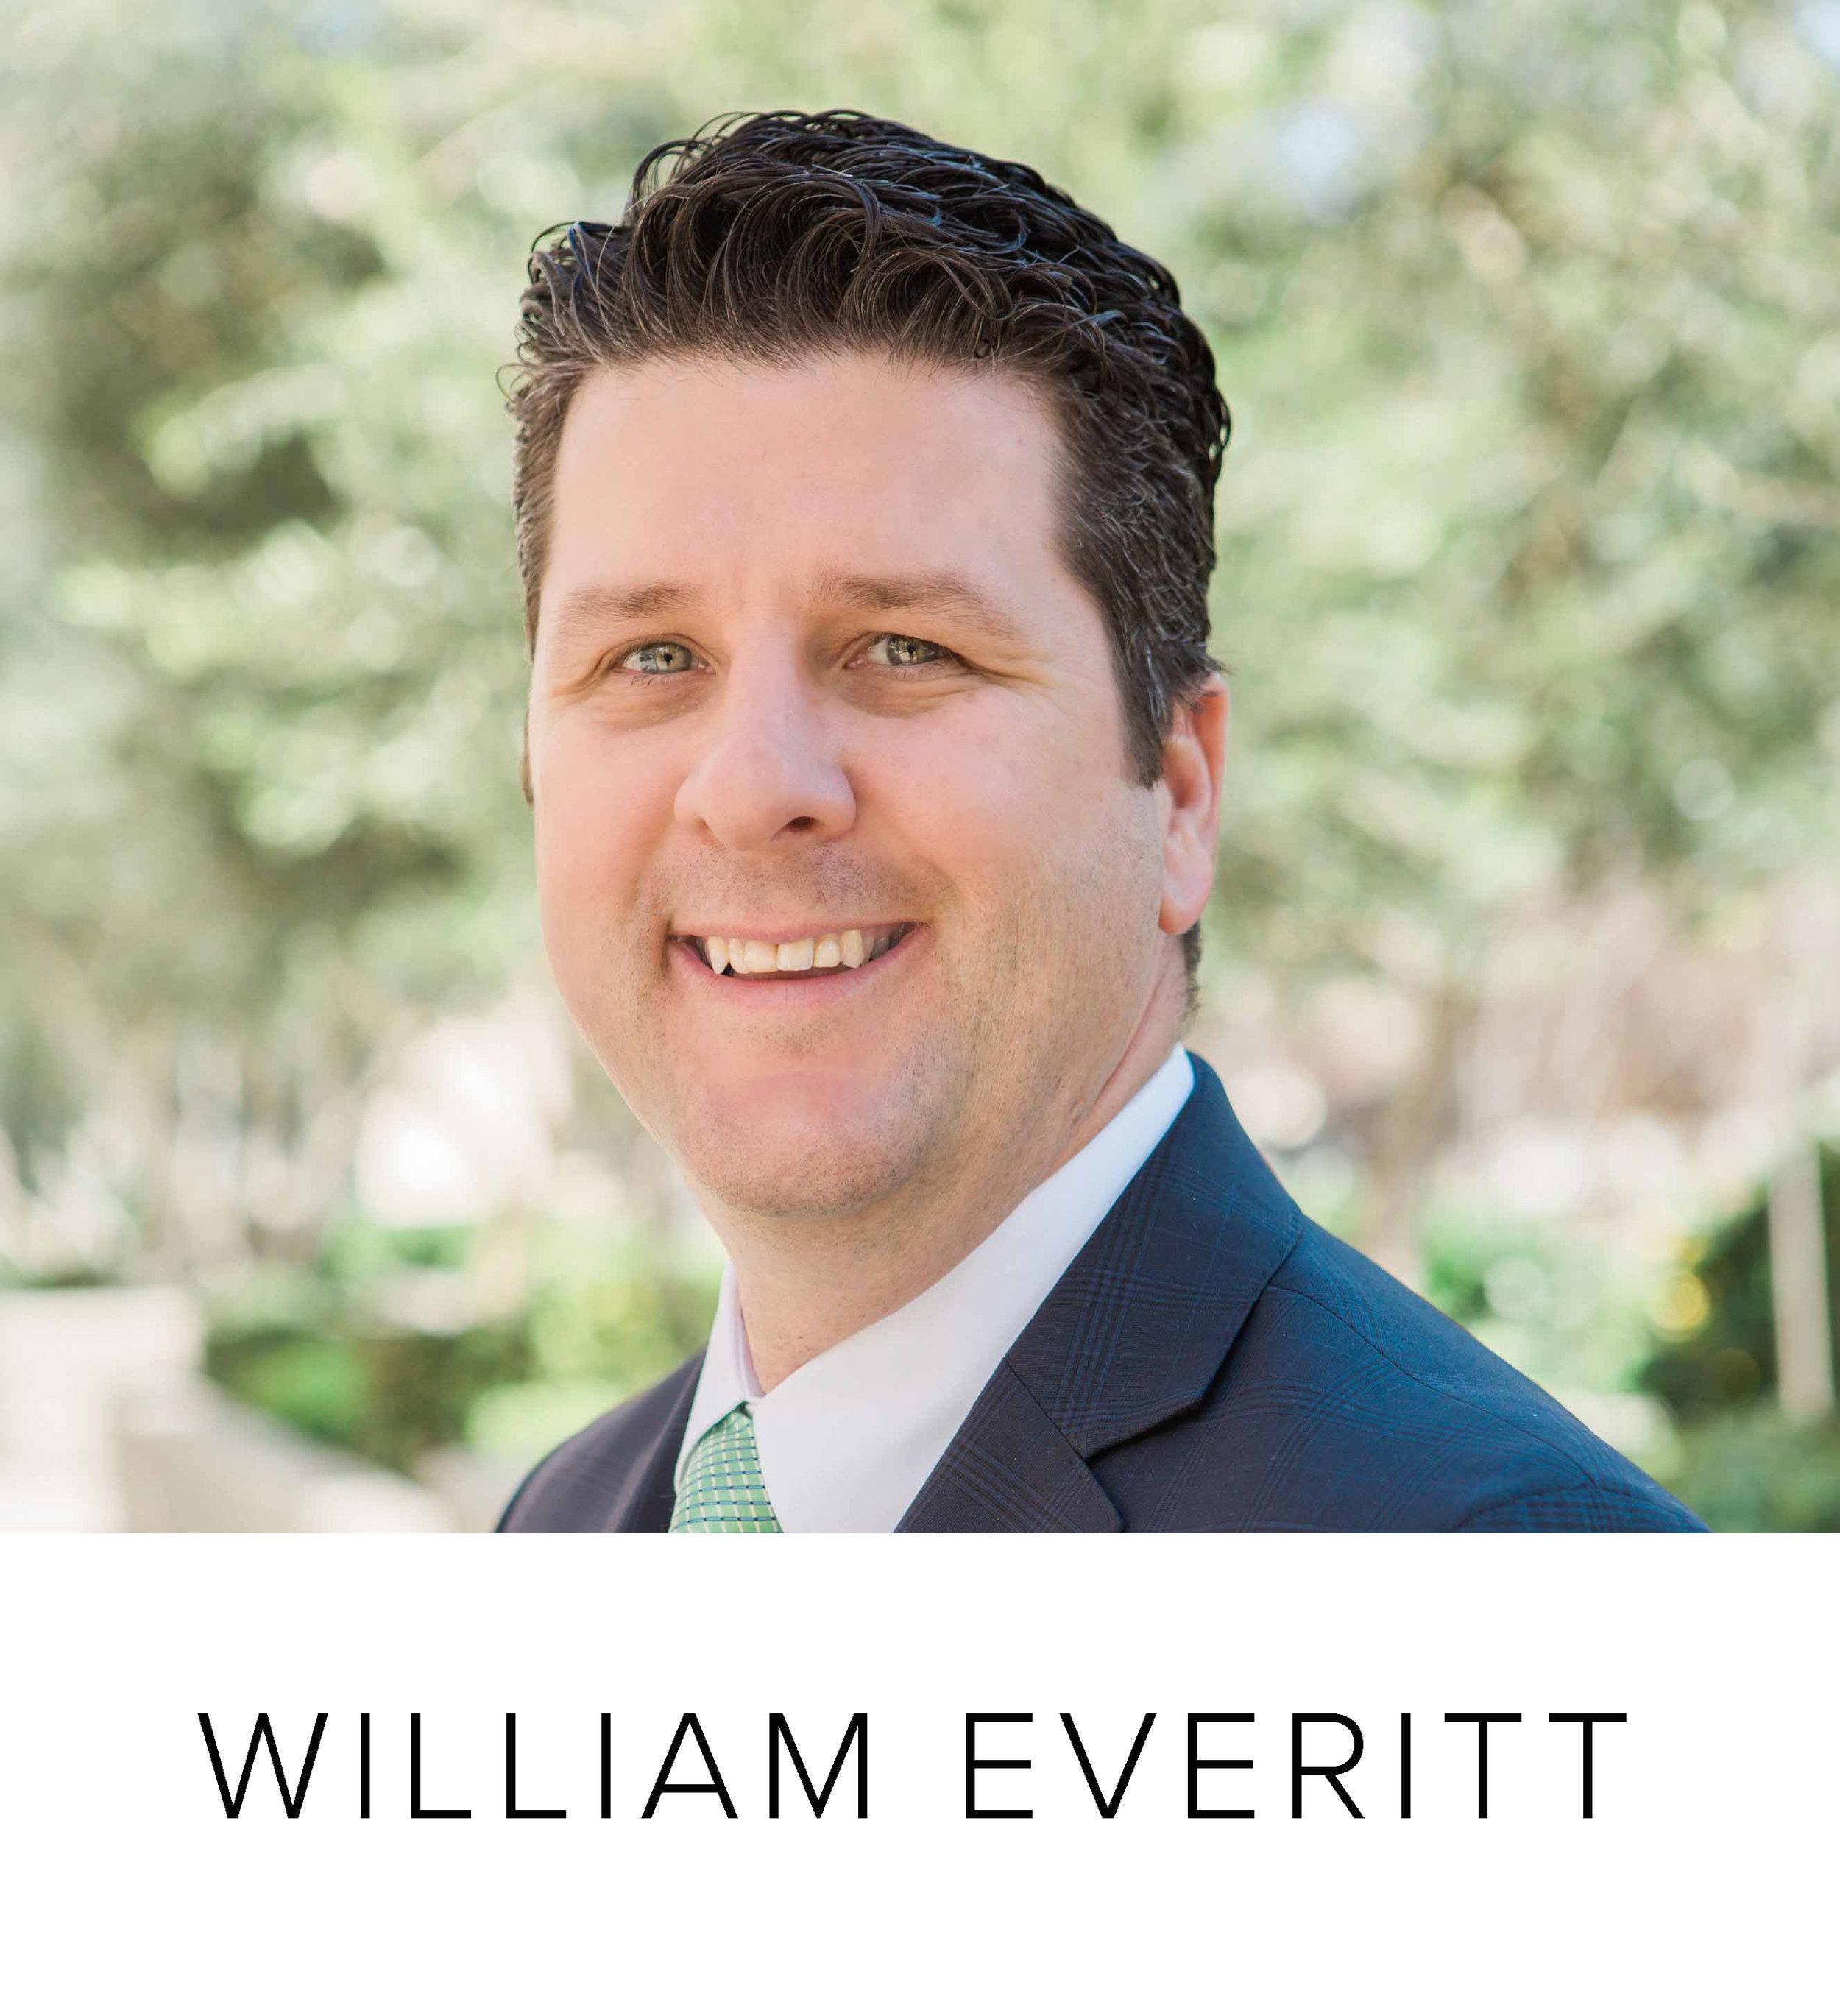 William Everitt